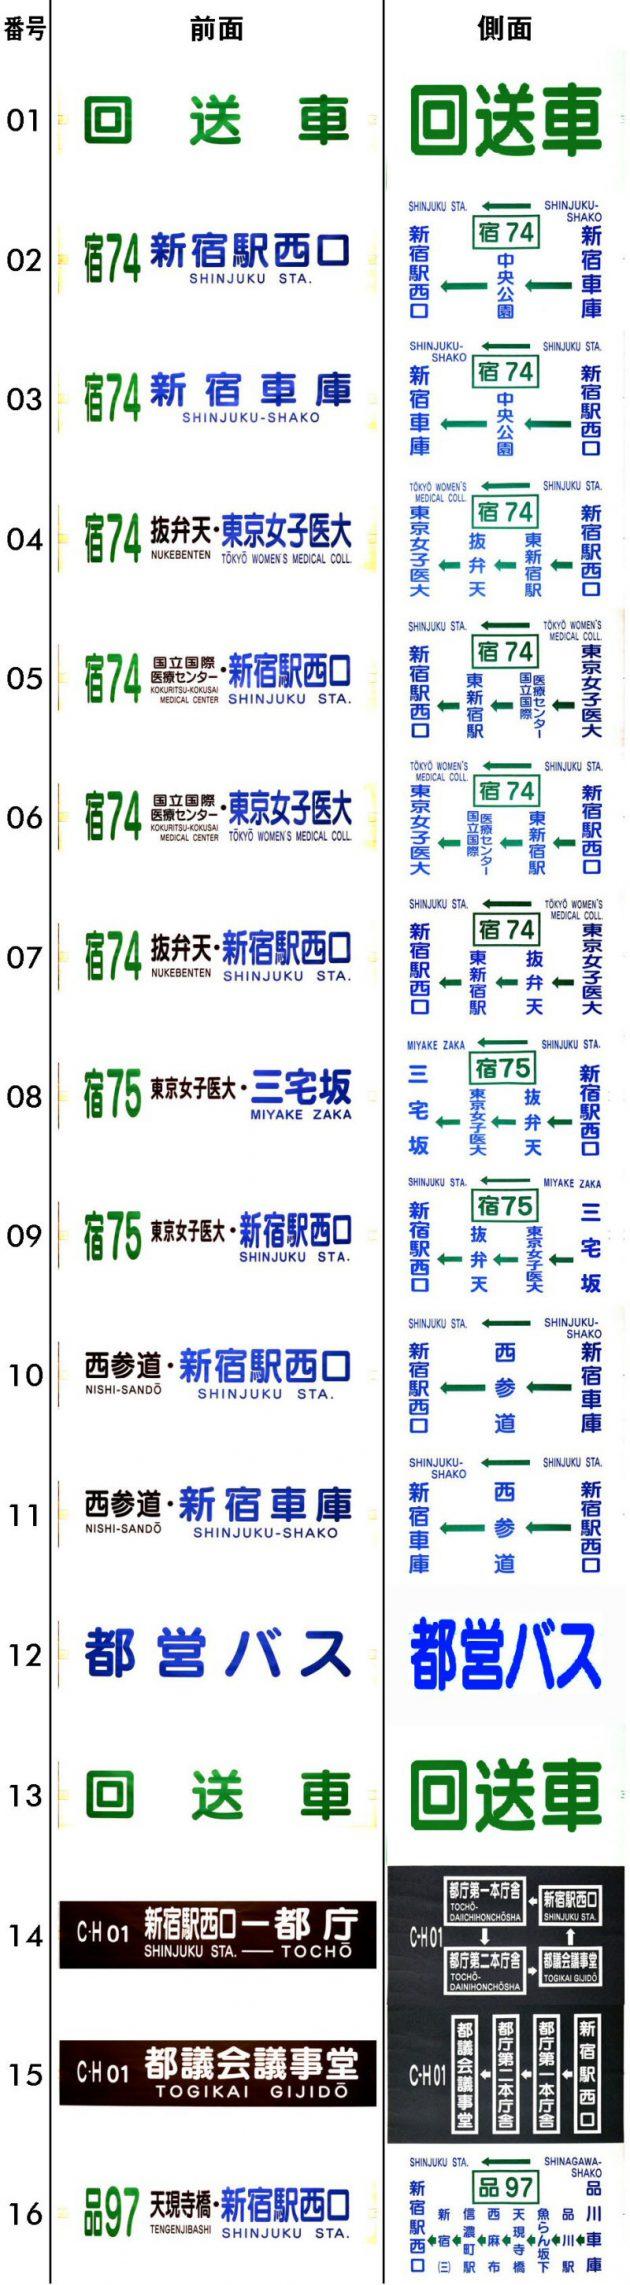 方向幕・新宿 平成19年4月~平成21年3月